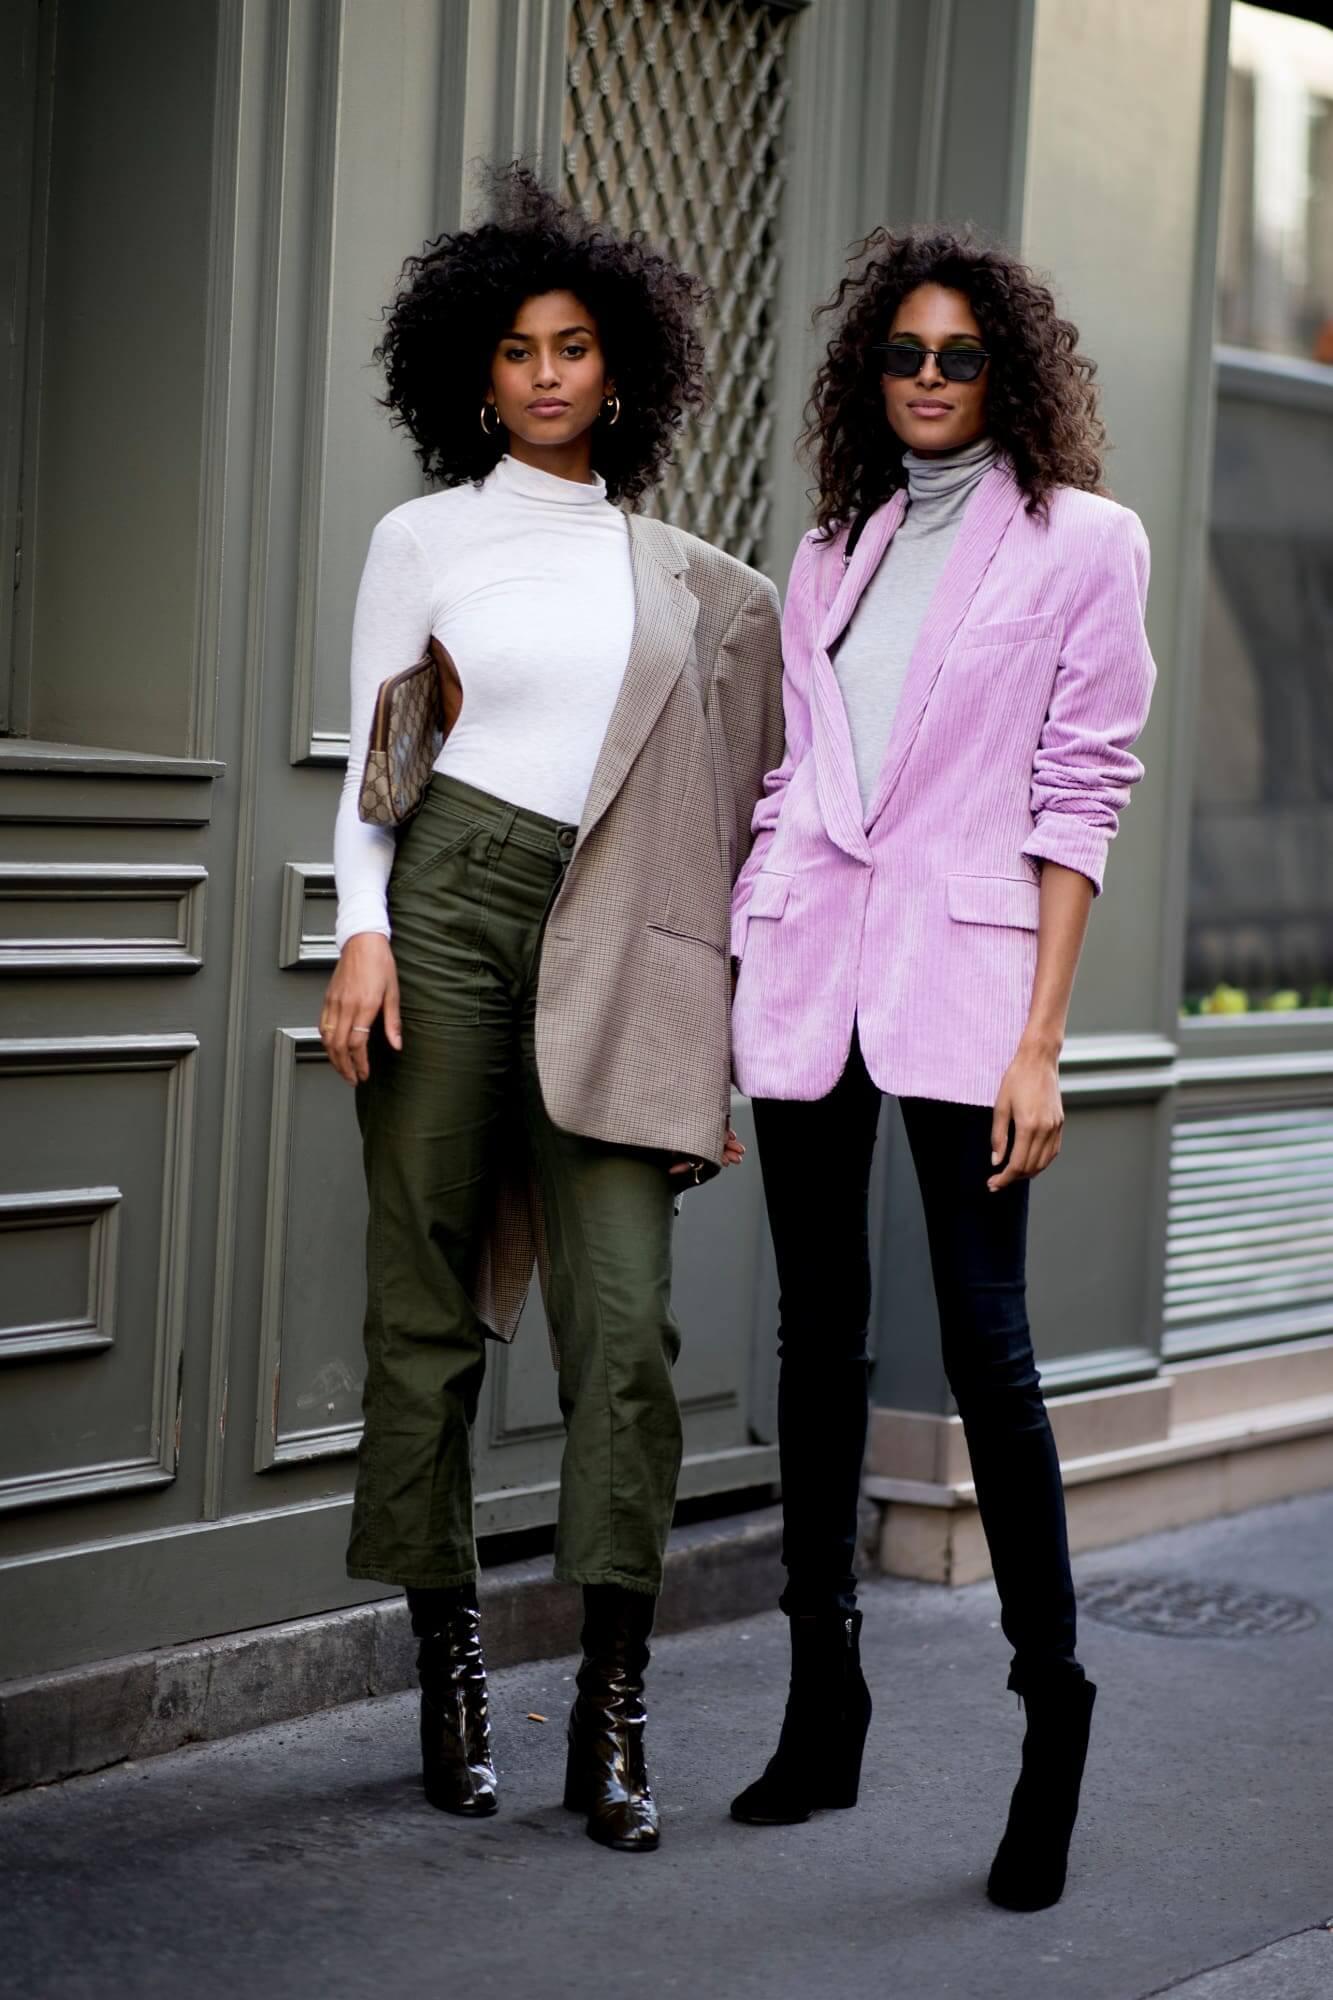 paris-fashion-week-spring-2019-street-style-day-1-43